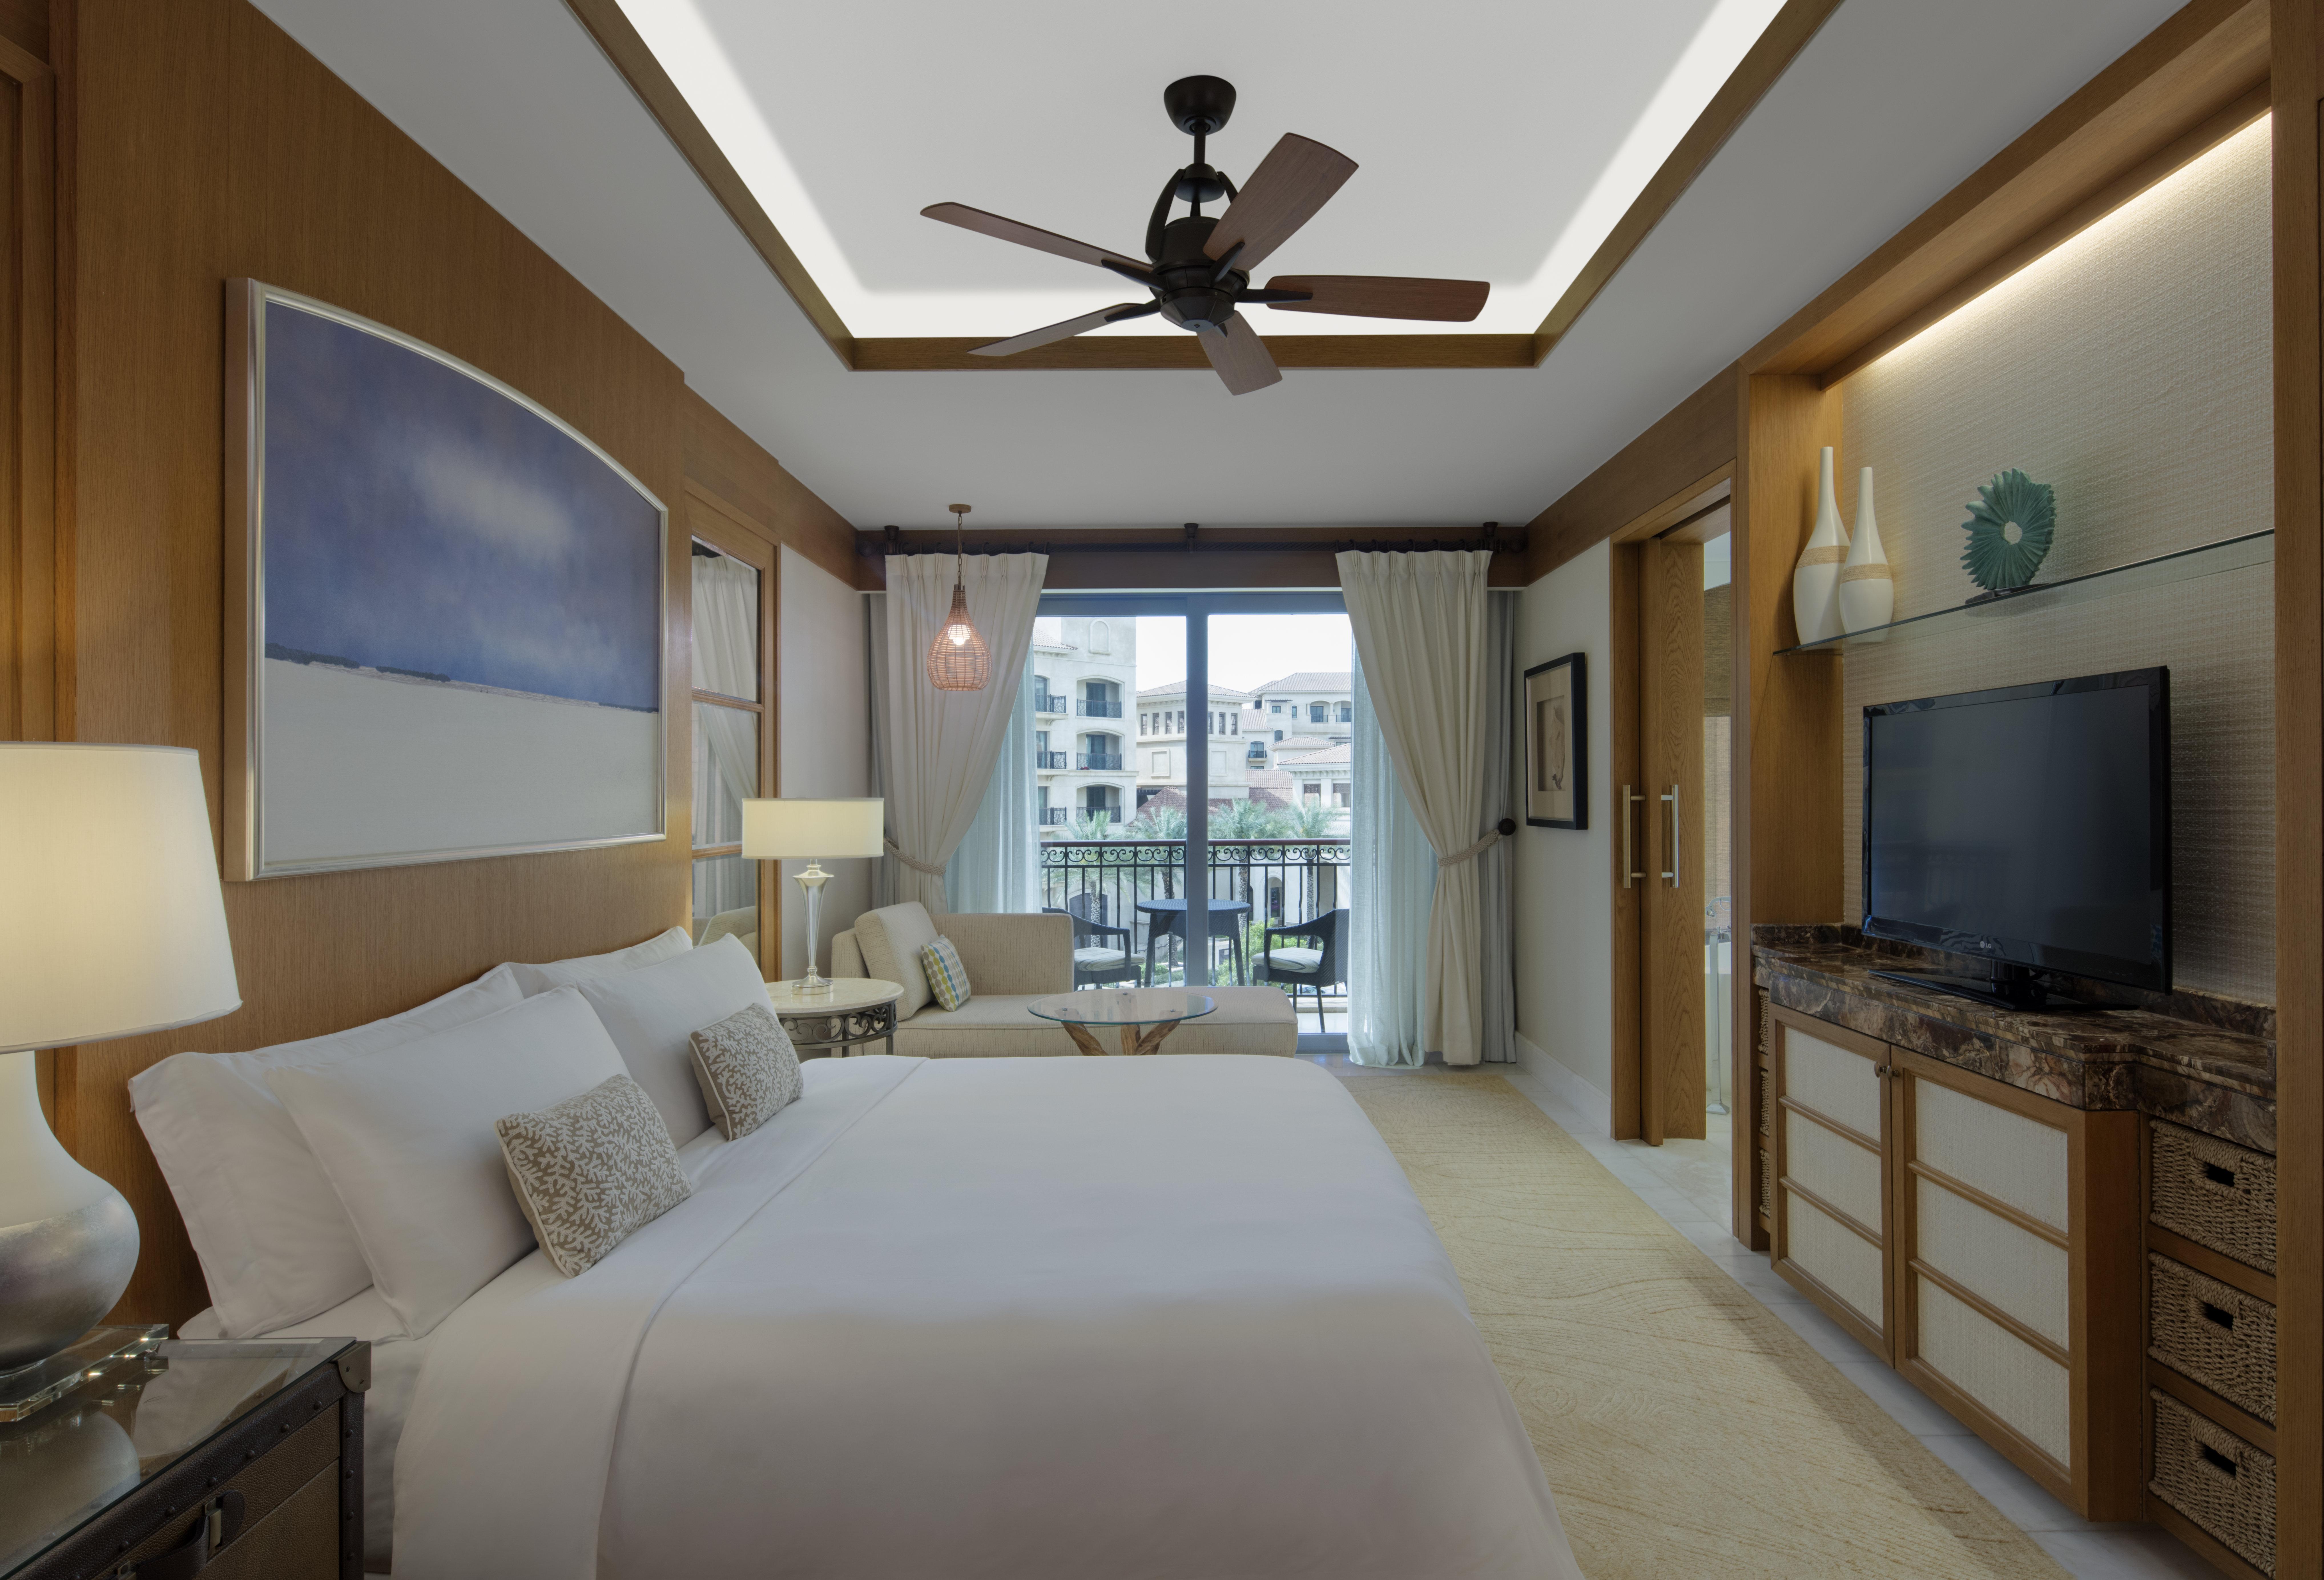 st-regis-saadiyat-island-family-room